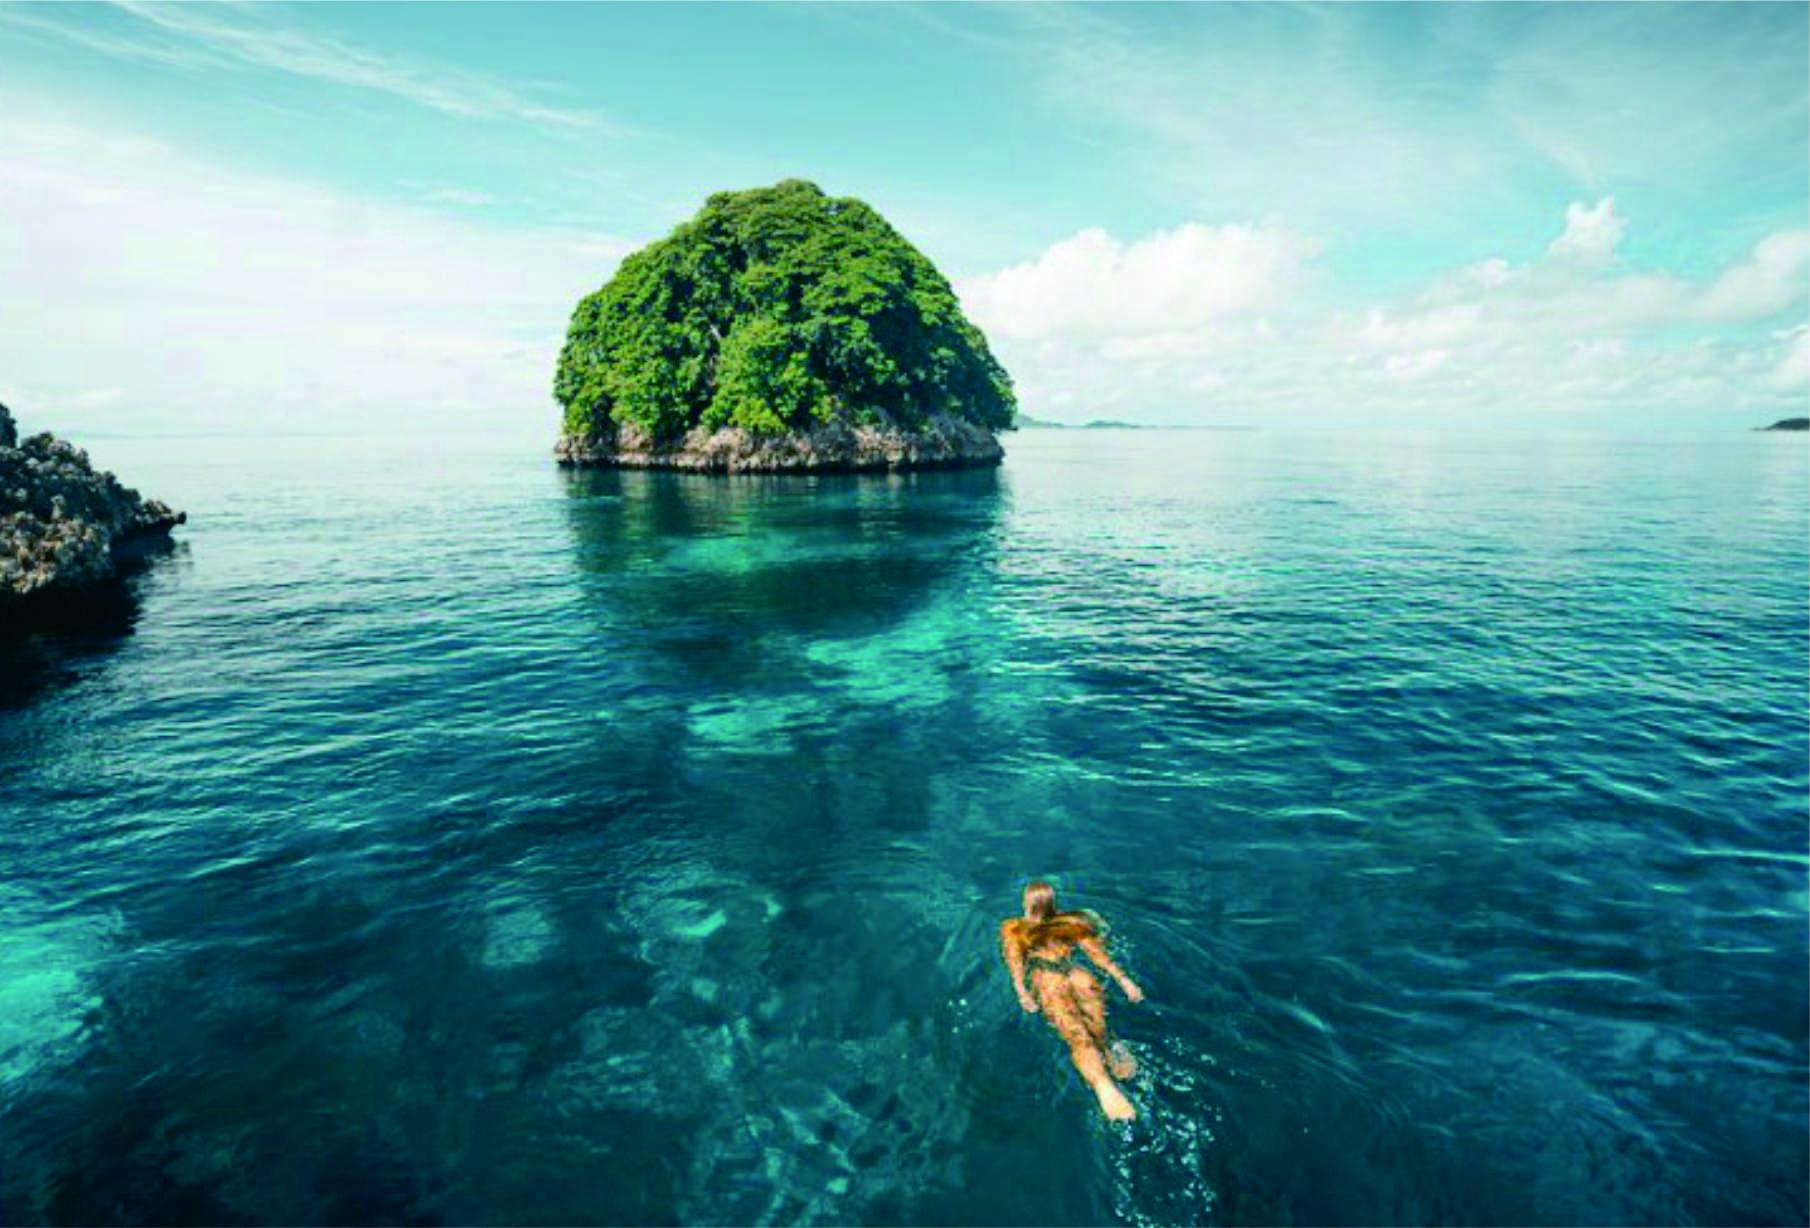 10 Tempat Wisata Terbaik di Indonesia, Referensi Terbaik untuk Liburan